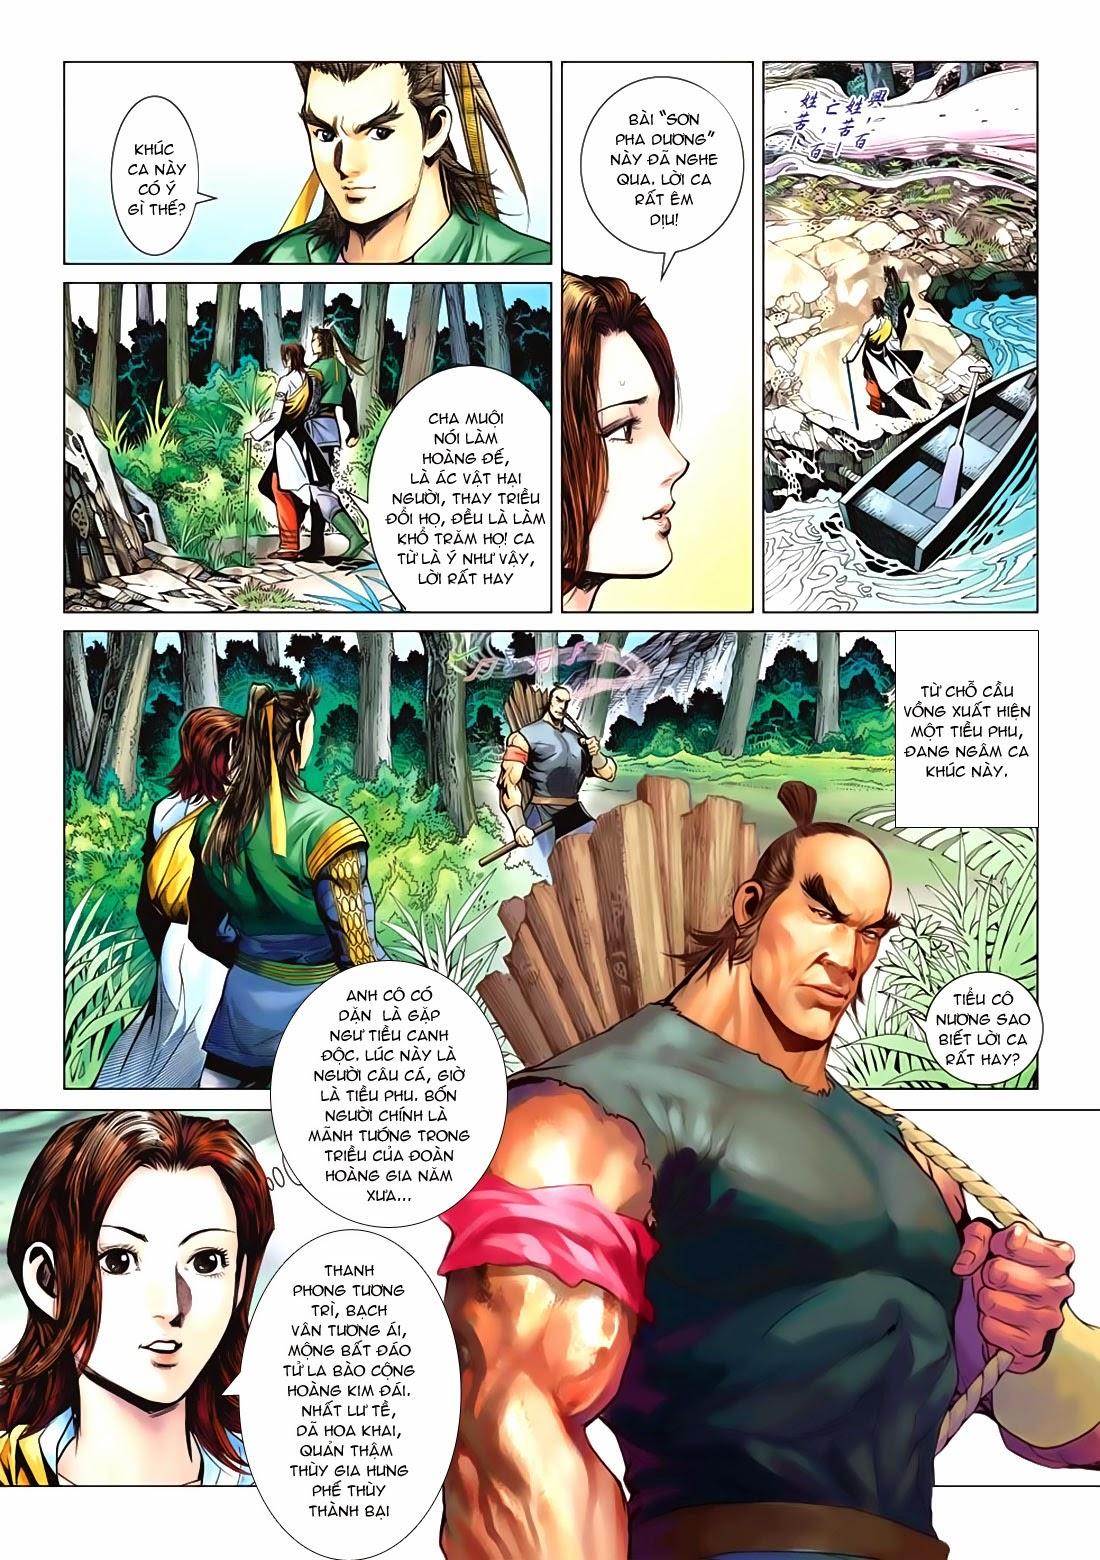 Anh Hùng Xạ Điêu anh hùng xạ đêu chap 72: ngư tiều canh độc trang 18